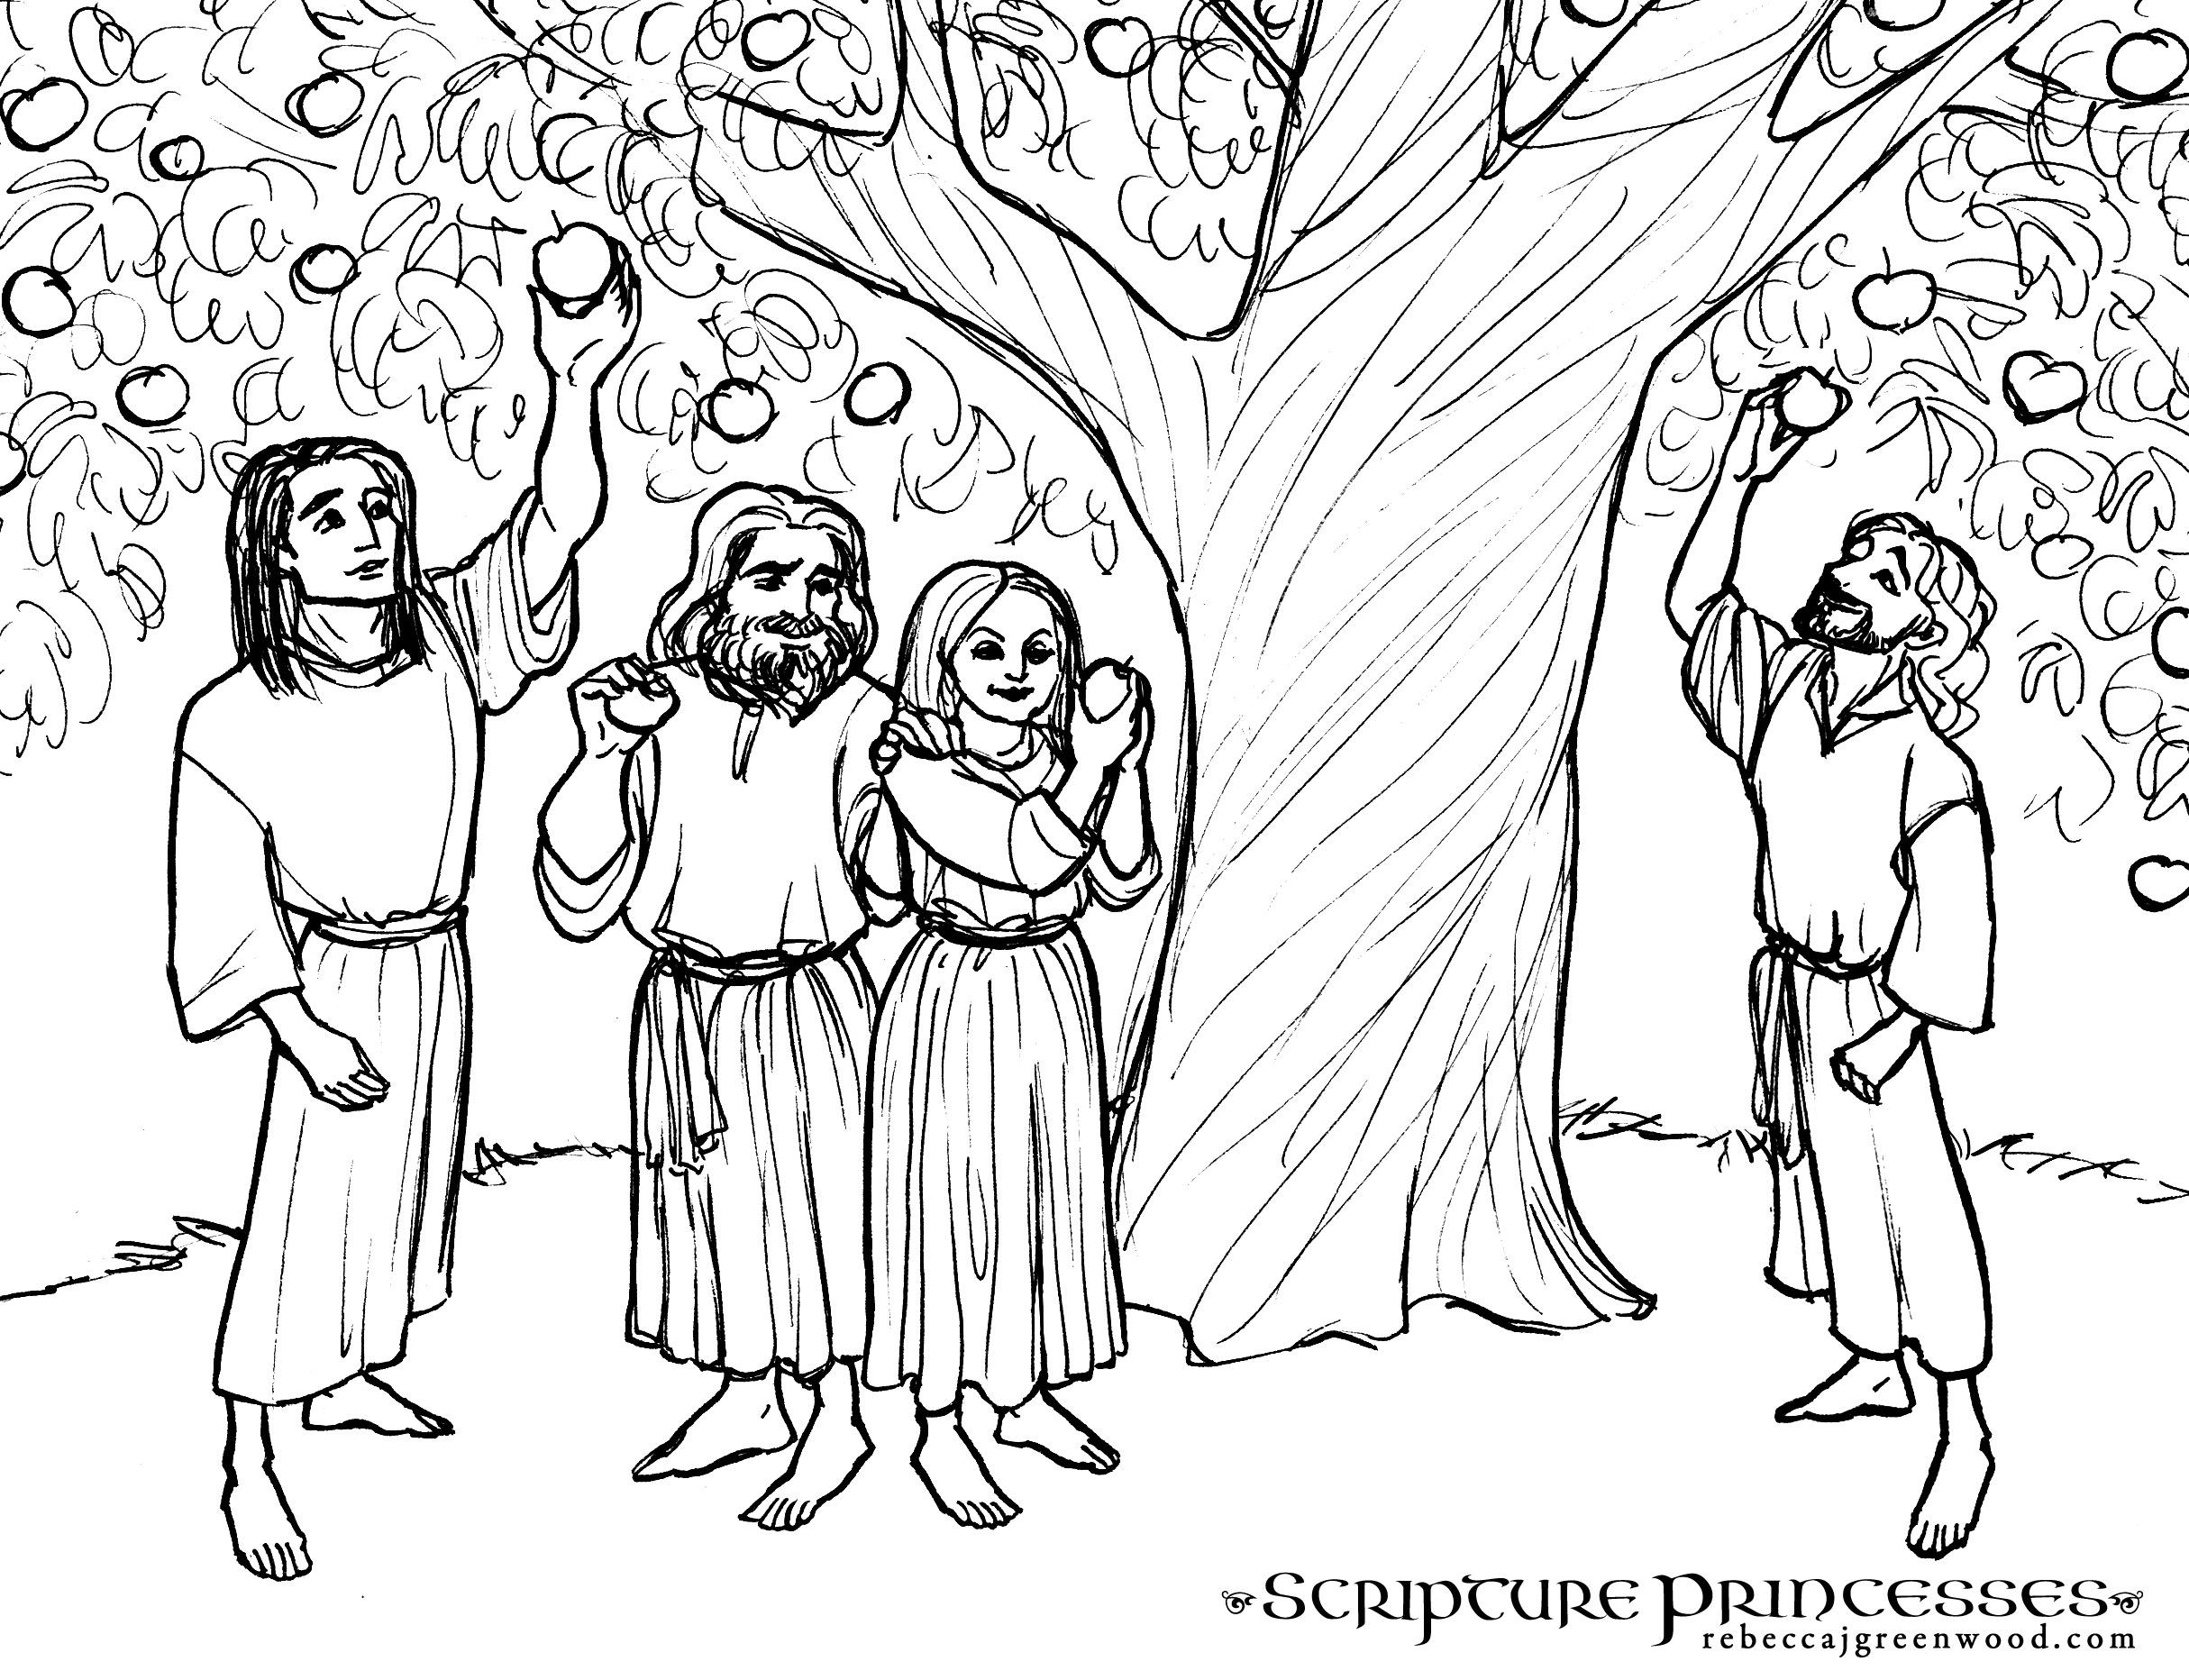 scripture-princesses_Free_coloring_page_Sariah_graphic